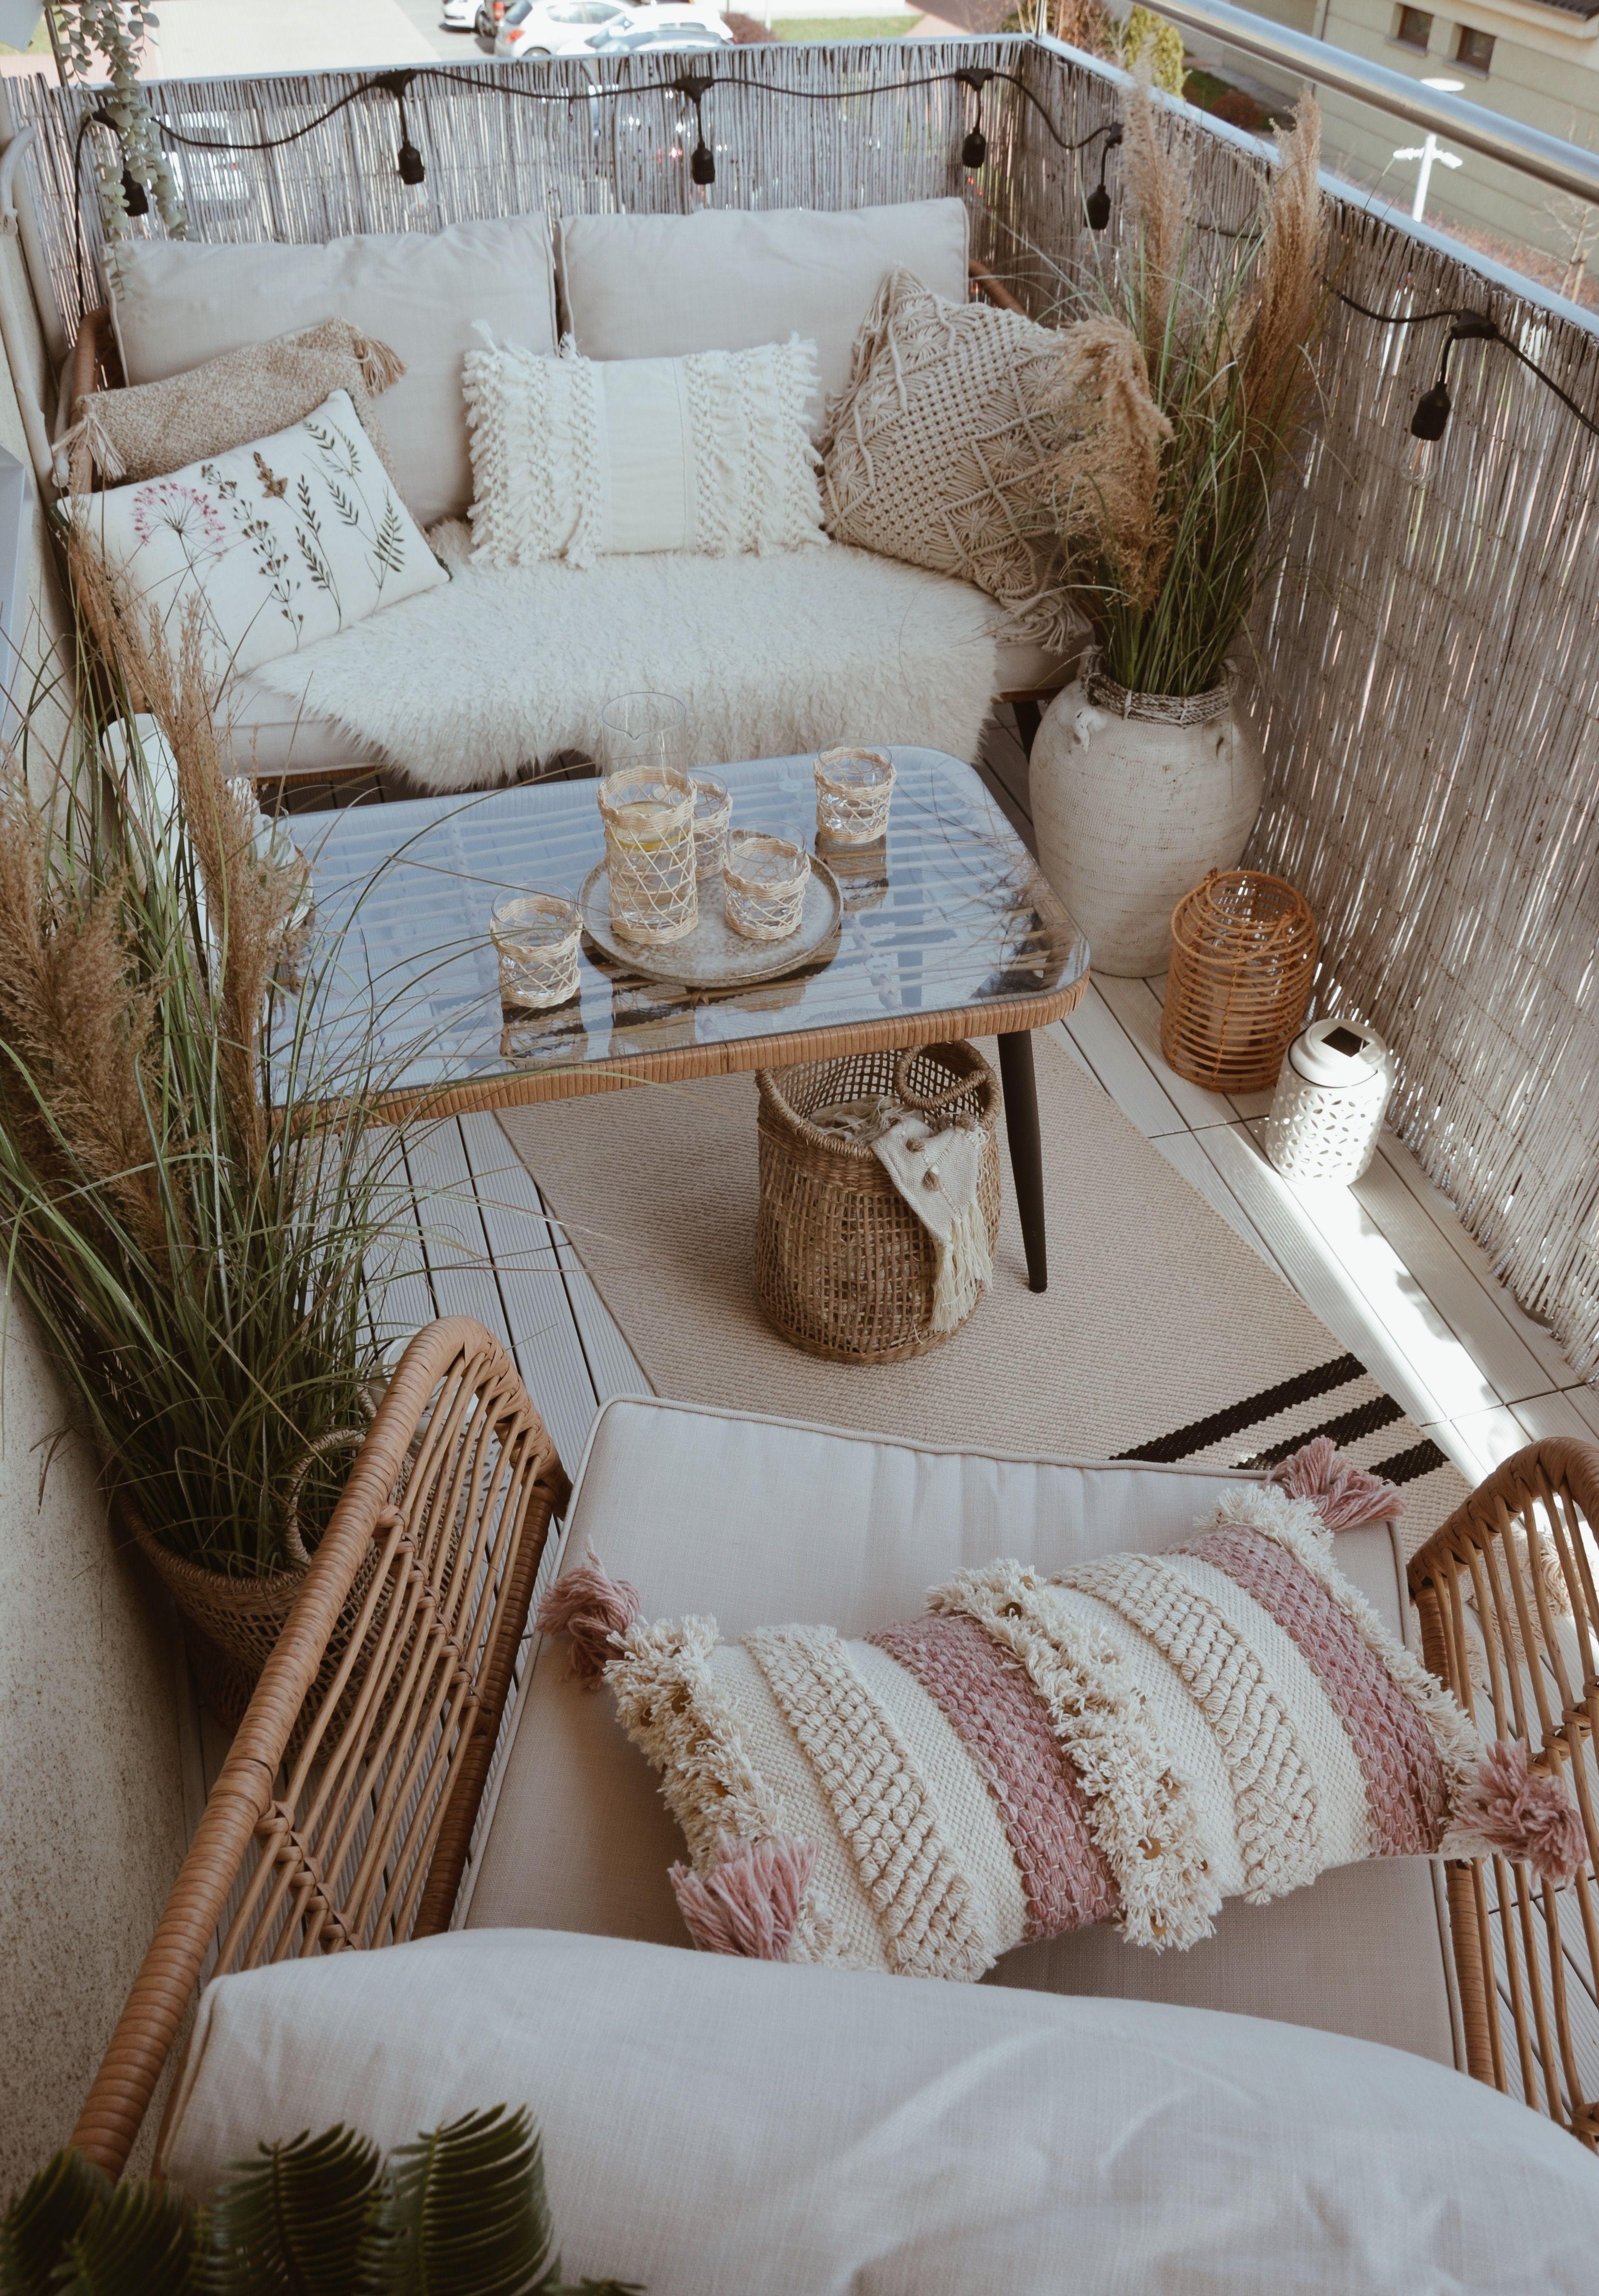 So schön sind kleine Balkone!            DEPOT 💚 📸 IG: @marta_wojtysiak